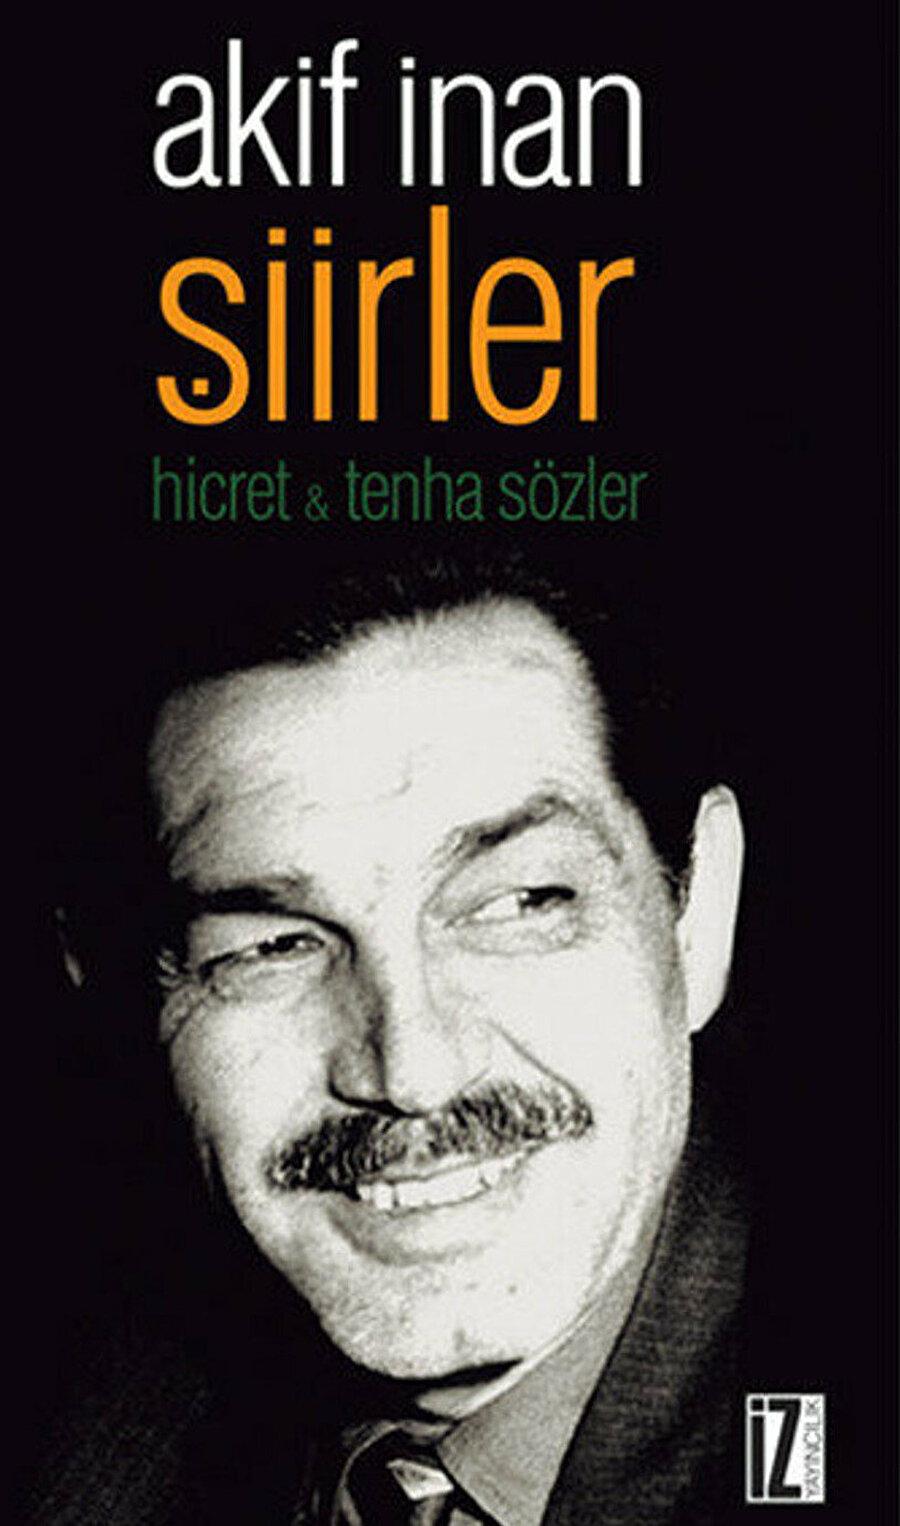 Yedi güzel adamın, edasıyla Necip Fazıl'a belki de en çok benzeyeni Mehmet Akif İnan ise sürekli bir arayışın içerisindeydi.